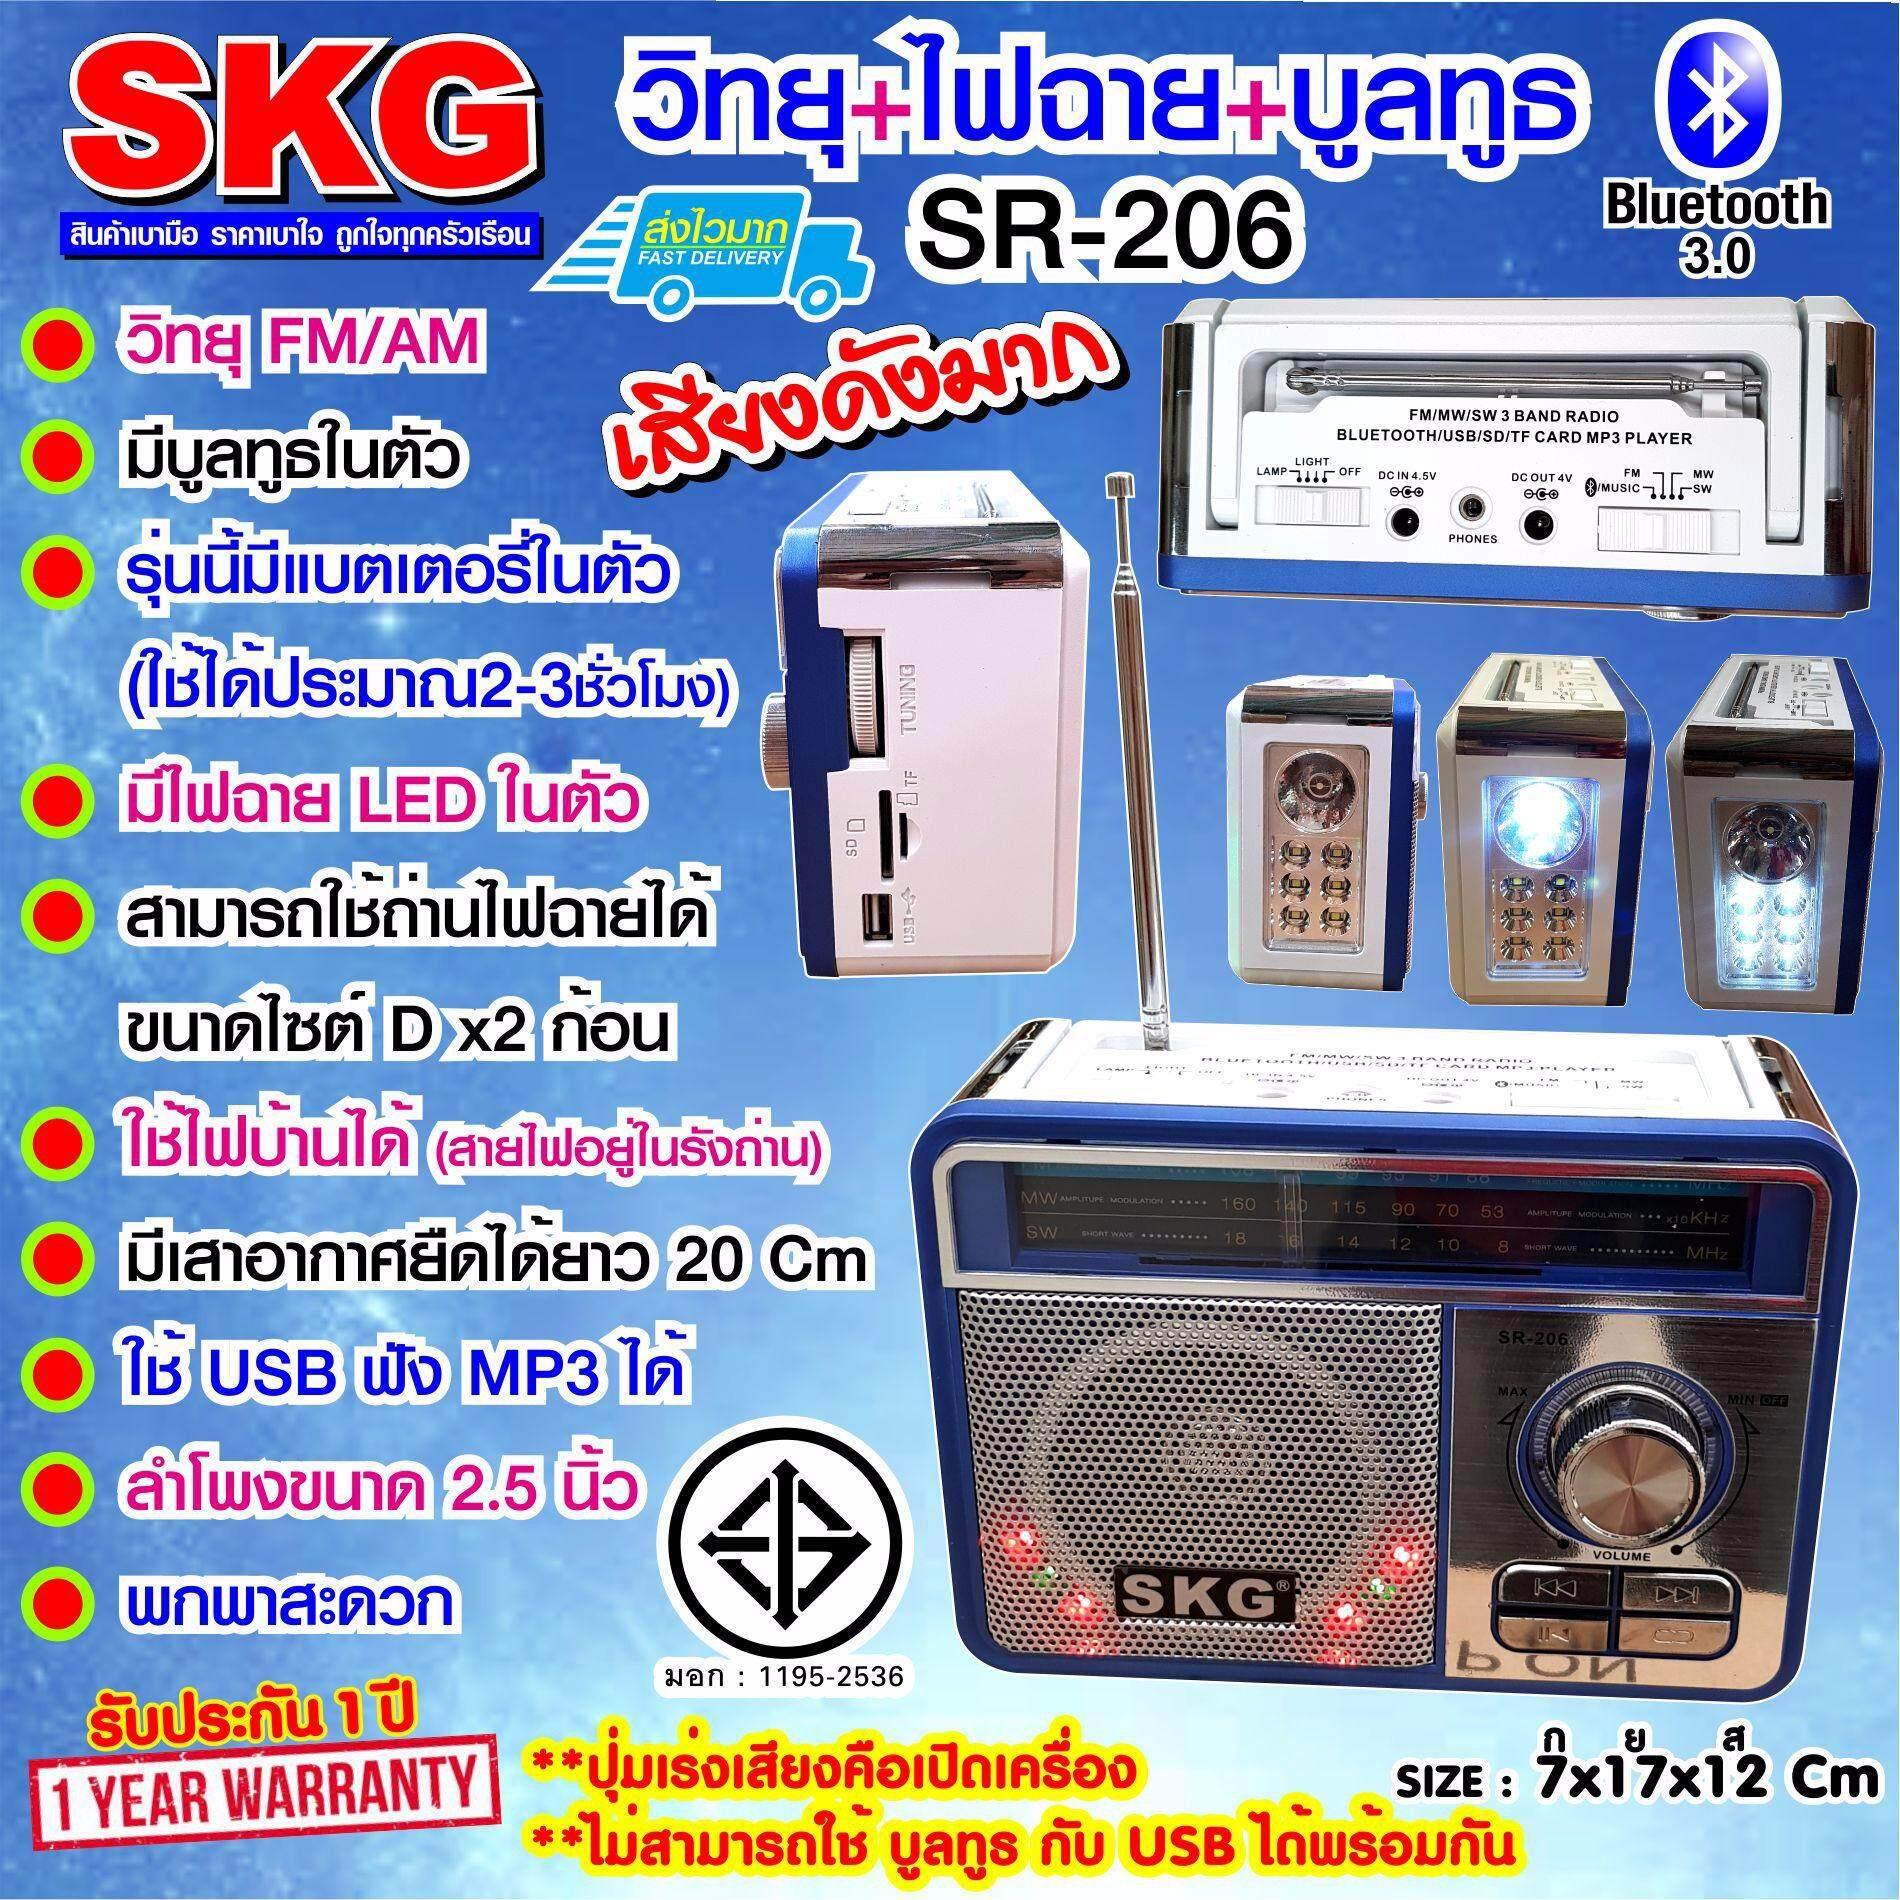 ขาย Skg วิทยุ ไฟฉาย บูลทูธ รุ่น Sr 206 กรุงเทพมหานคร